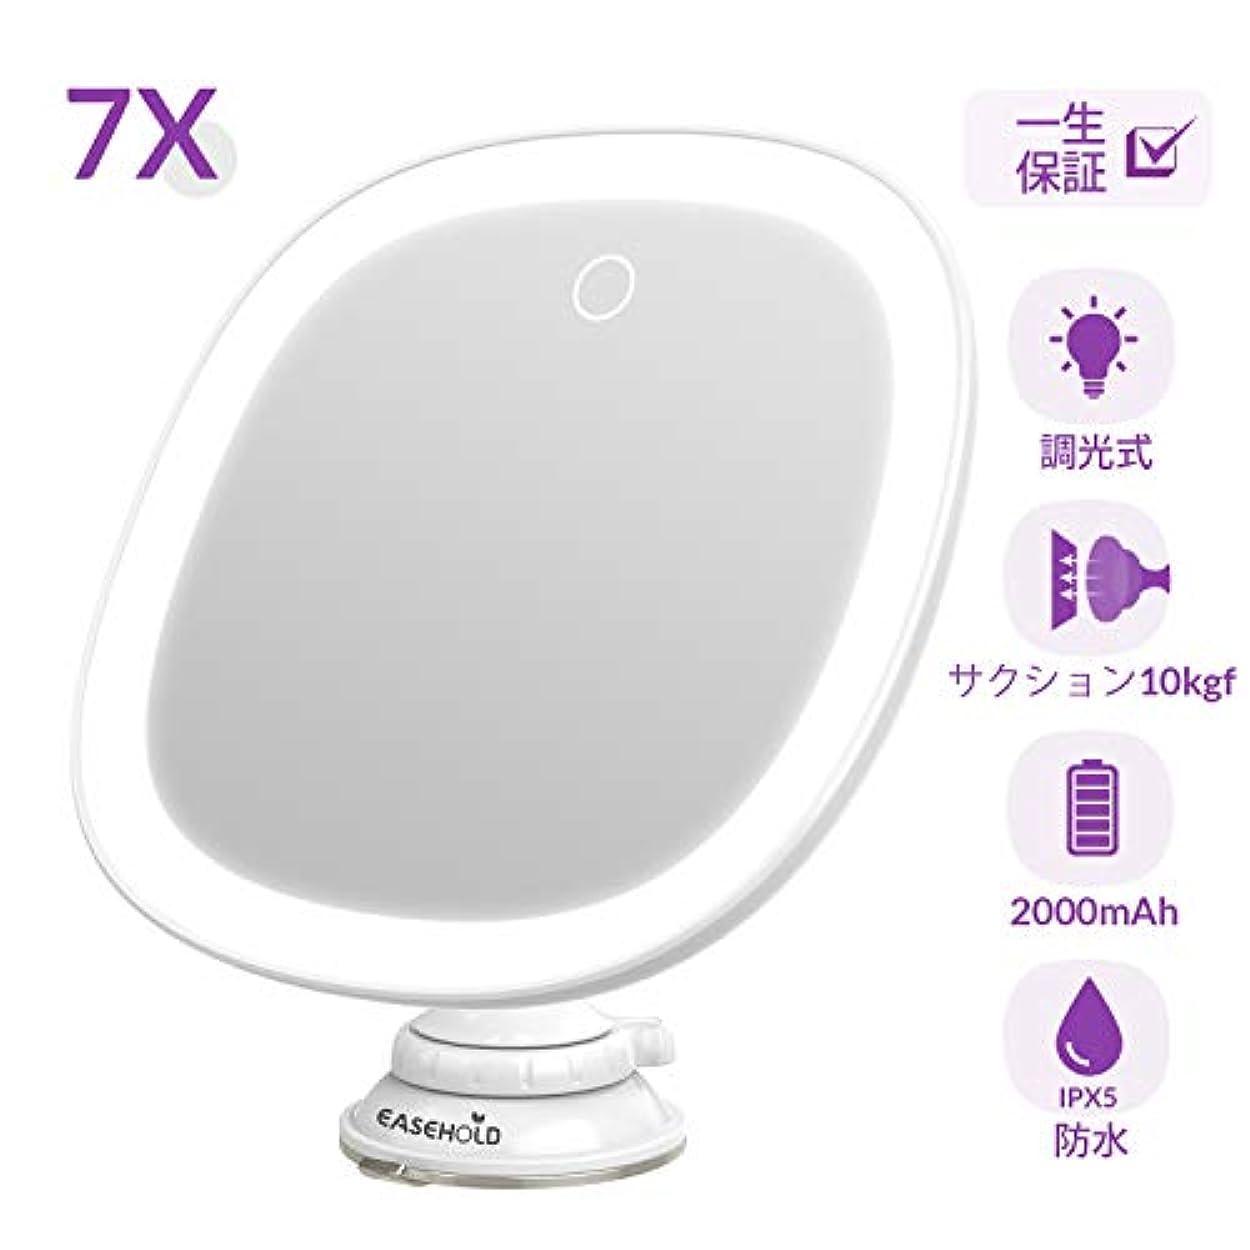 間違いなく機械シネマEasehold 7倍拡大鏡 LED化粧鏡 浴室鏡 卓上鏡 吸盤ロック付きLEDミラー 壁掛けメイクミラー 360度回転スタンドミラー 明るさ調節可能 USB充電 IPX5防水